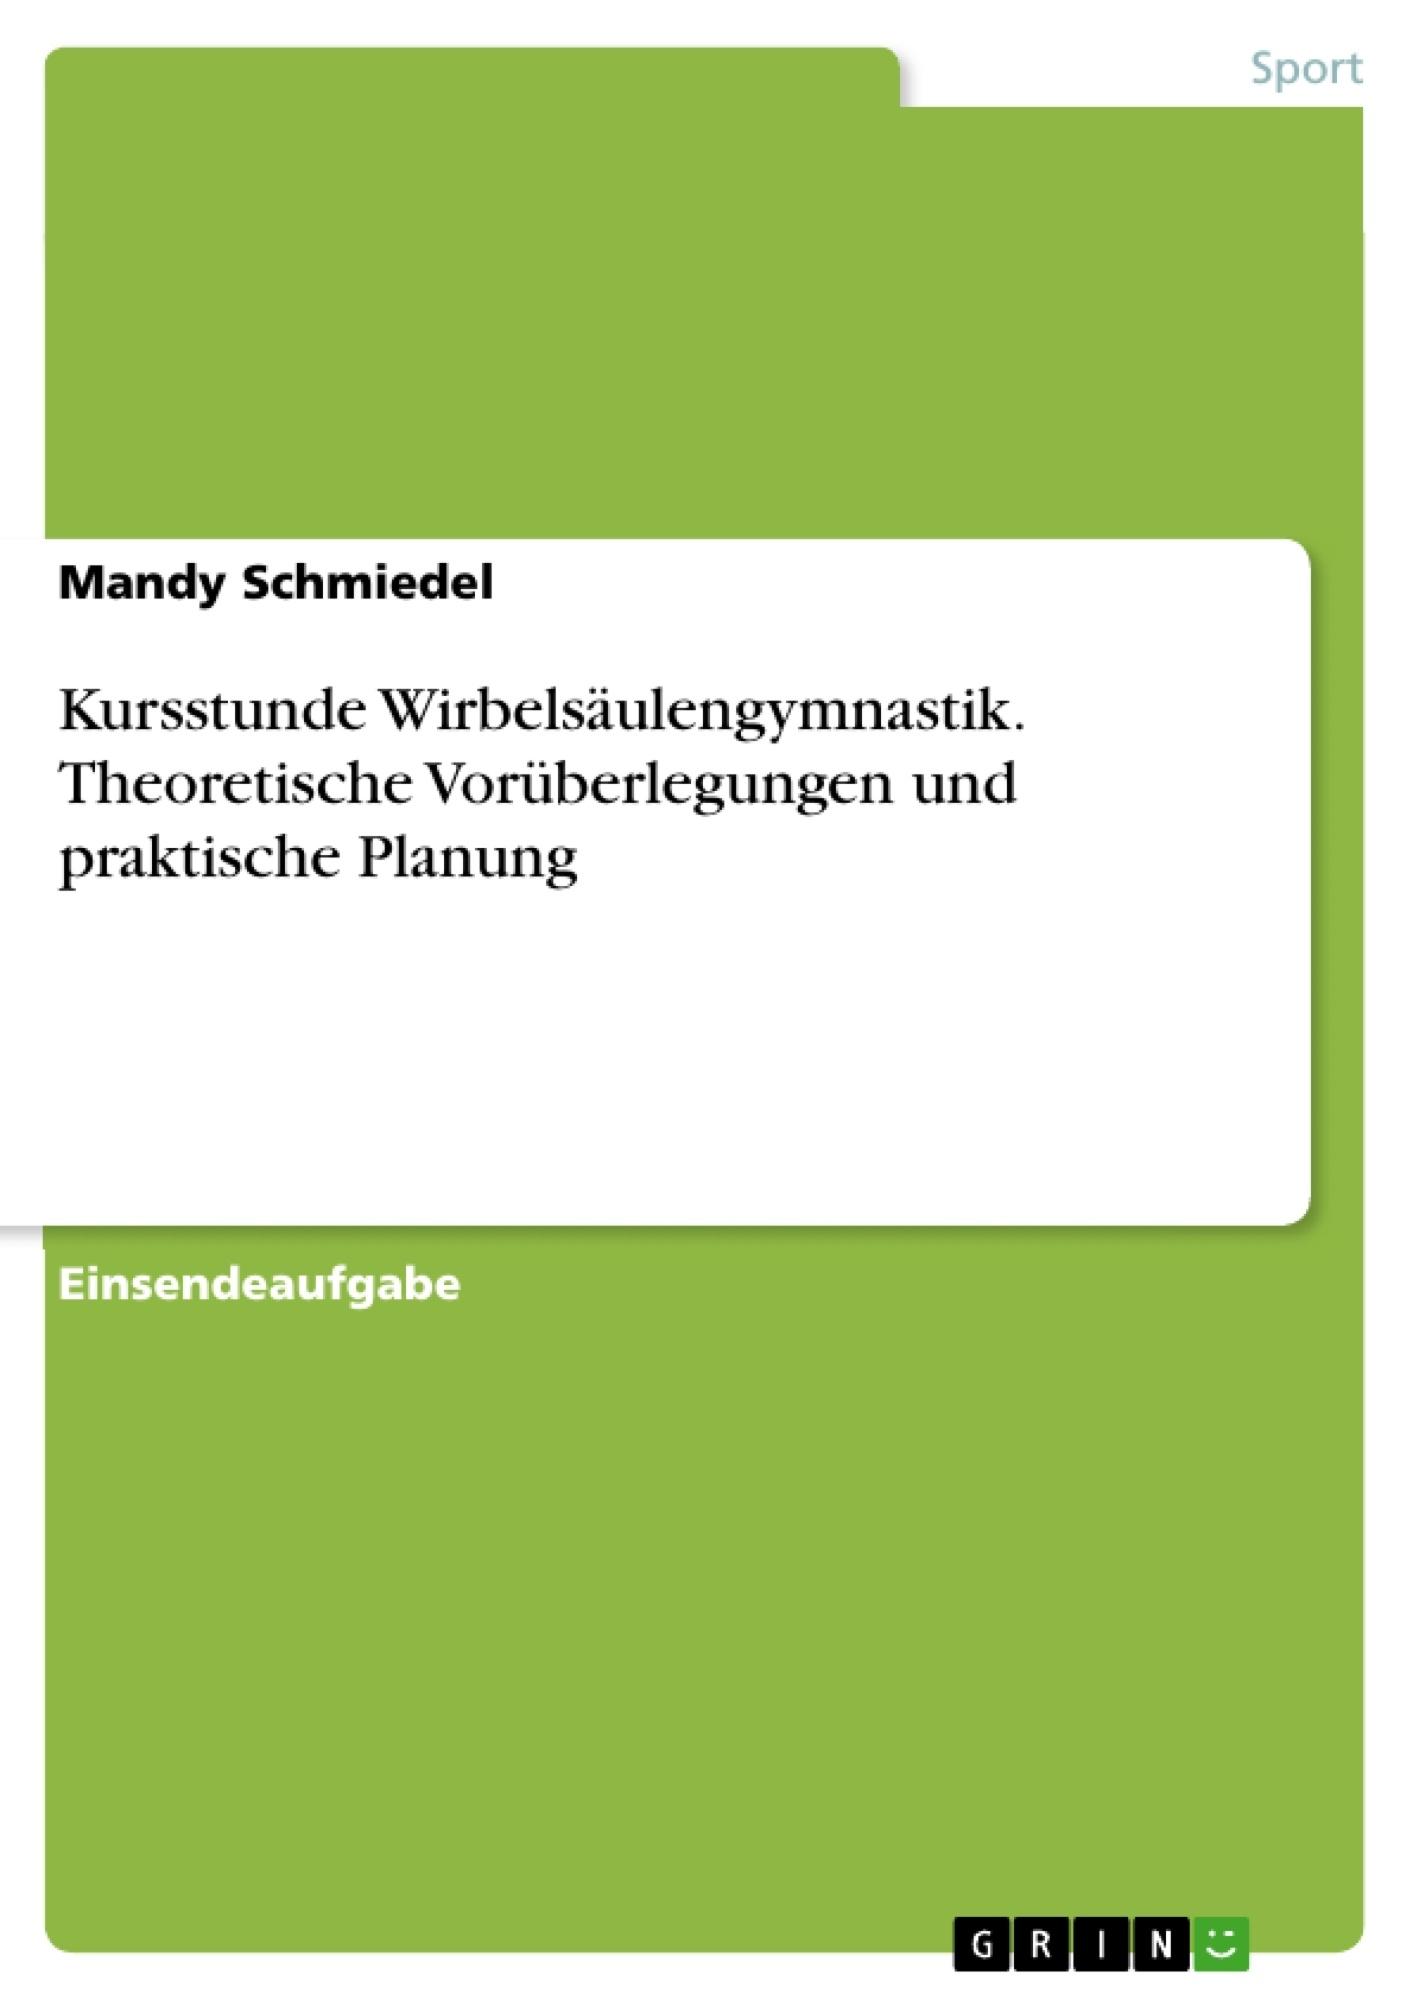 Titel: Kursstunde Wirbelsäulengymnastik. Theoretische Vorüberlegungen und praktische Planung